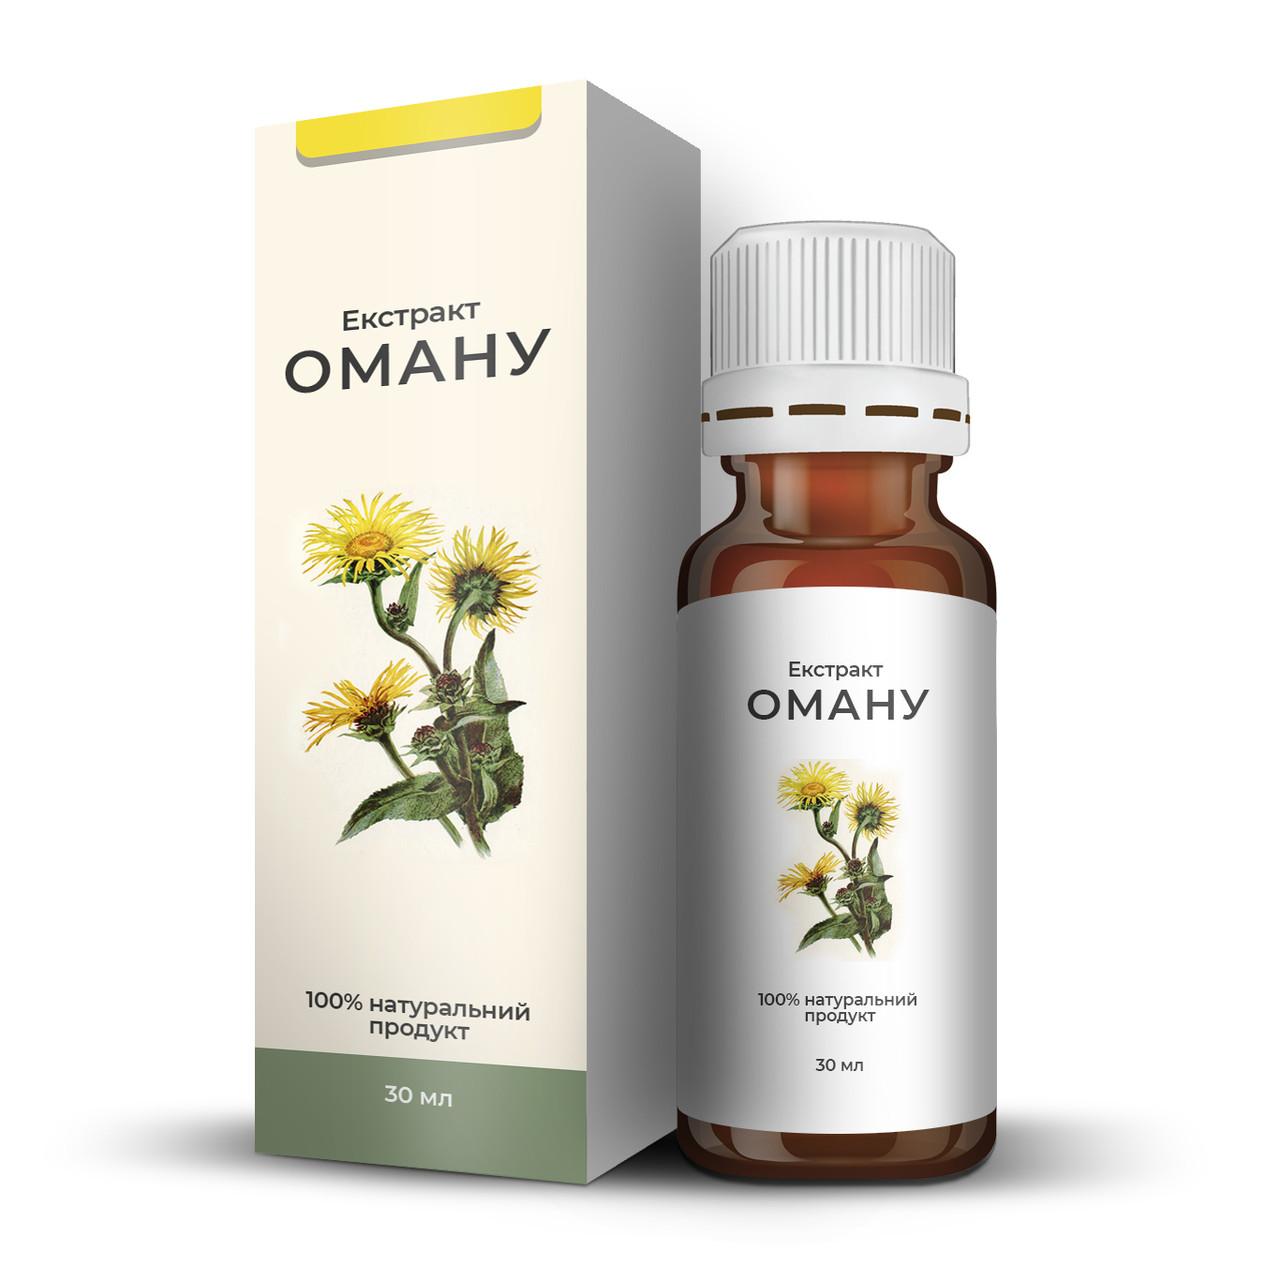 Натуральная добавка Yvonika Экстракт Оману 30мл